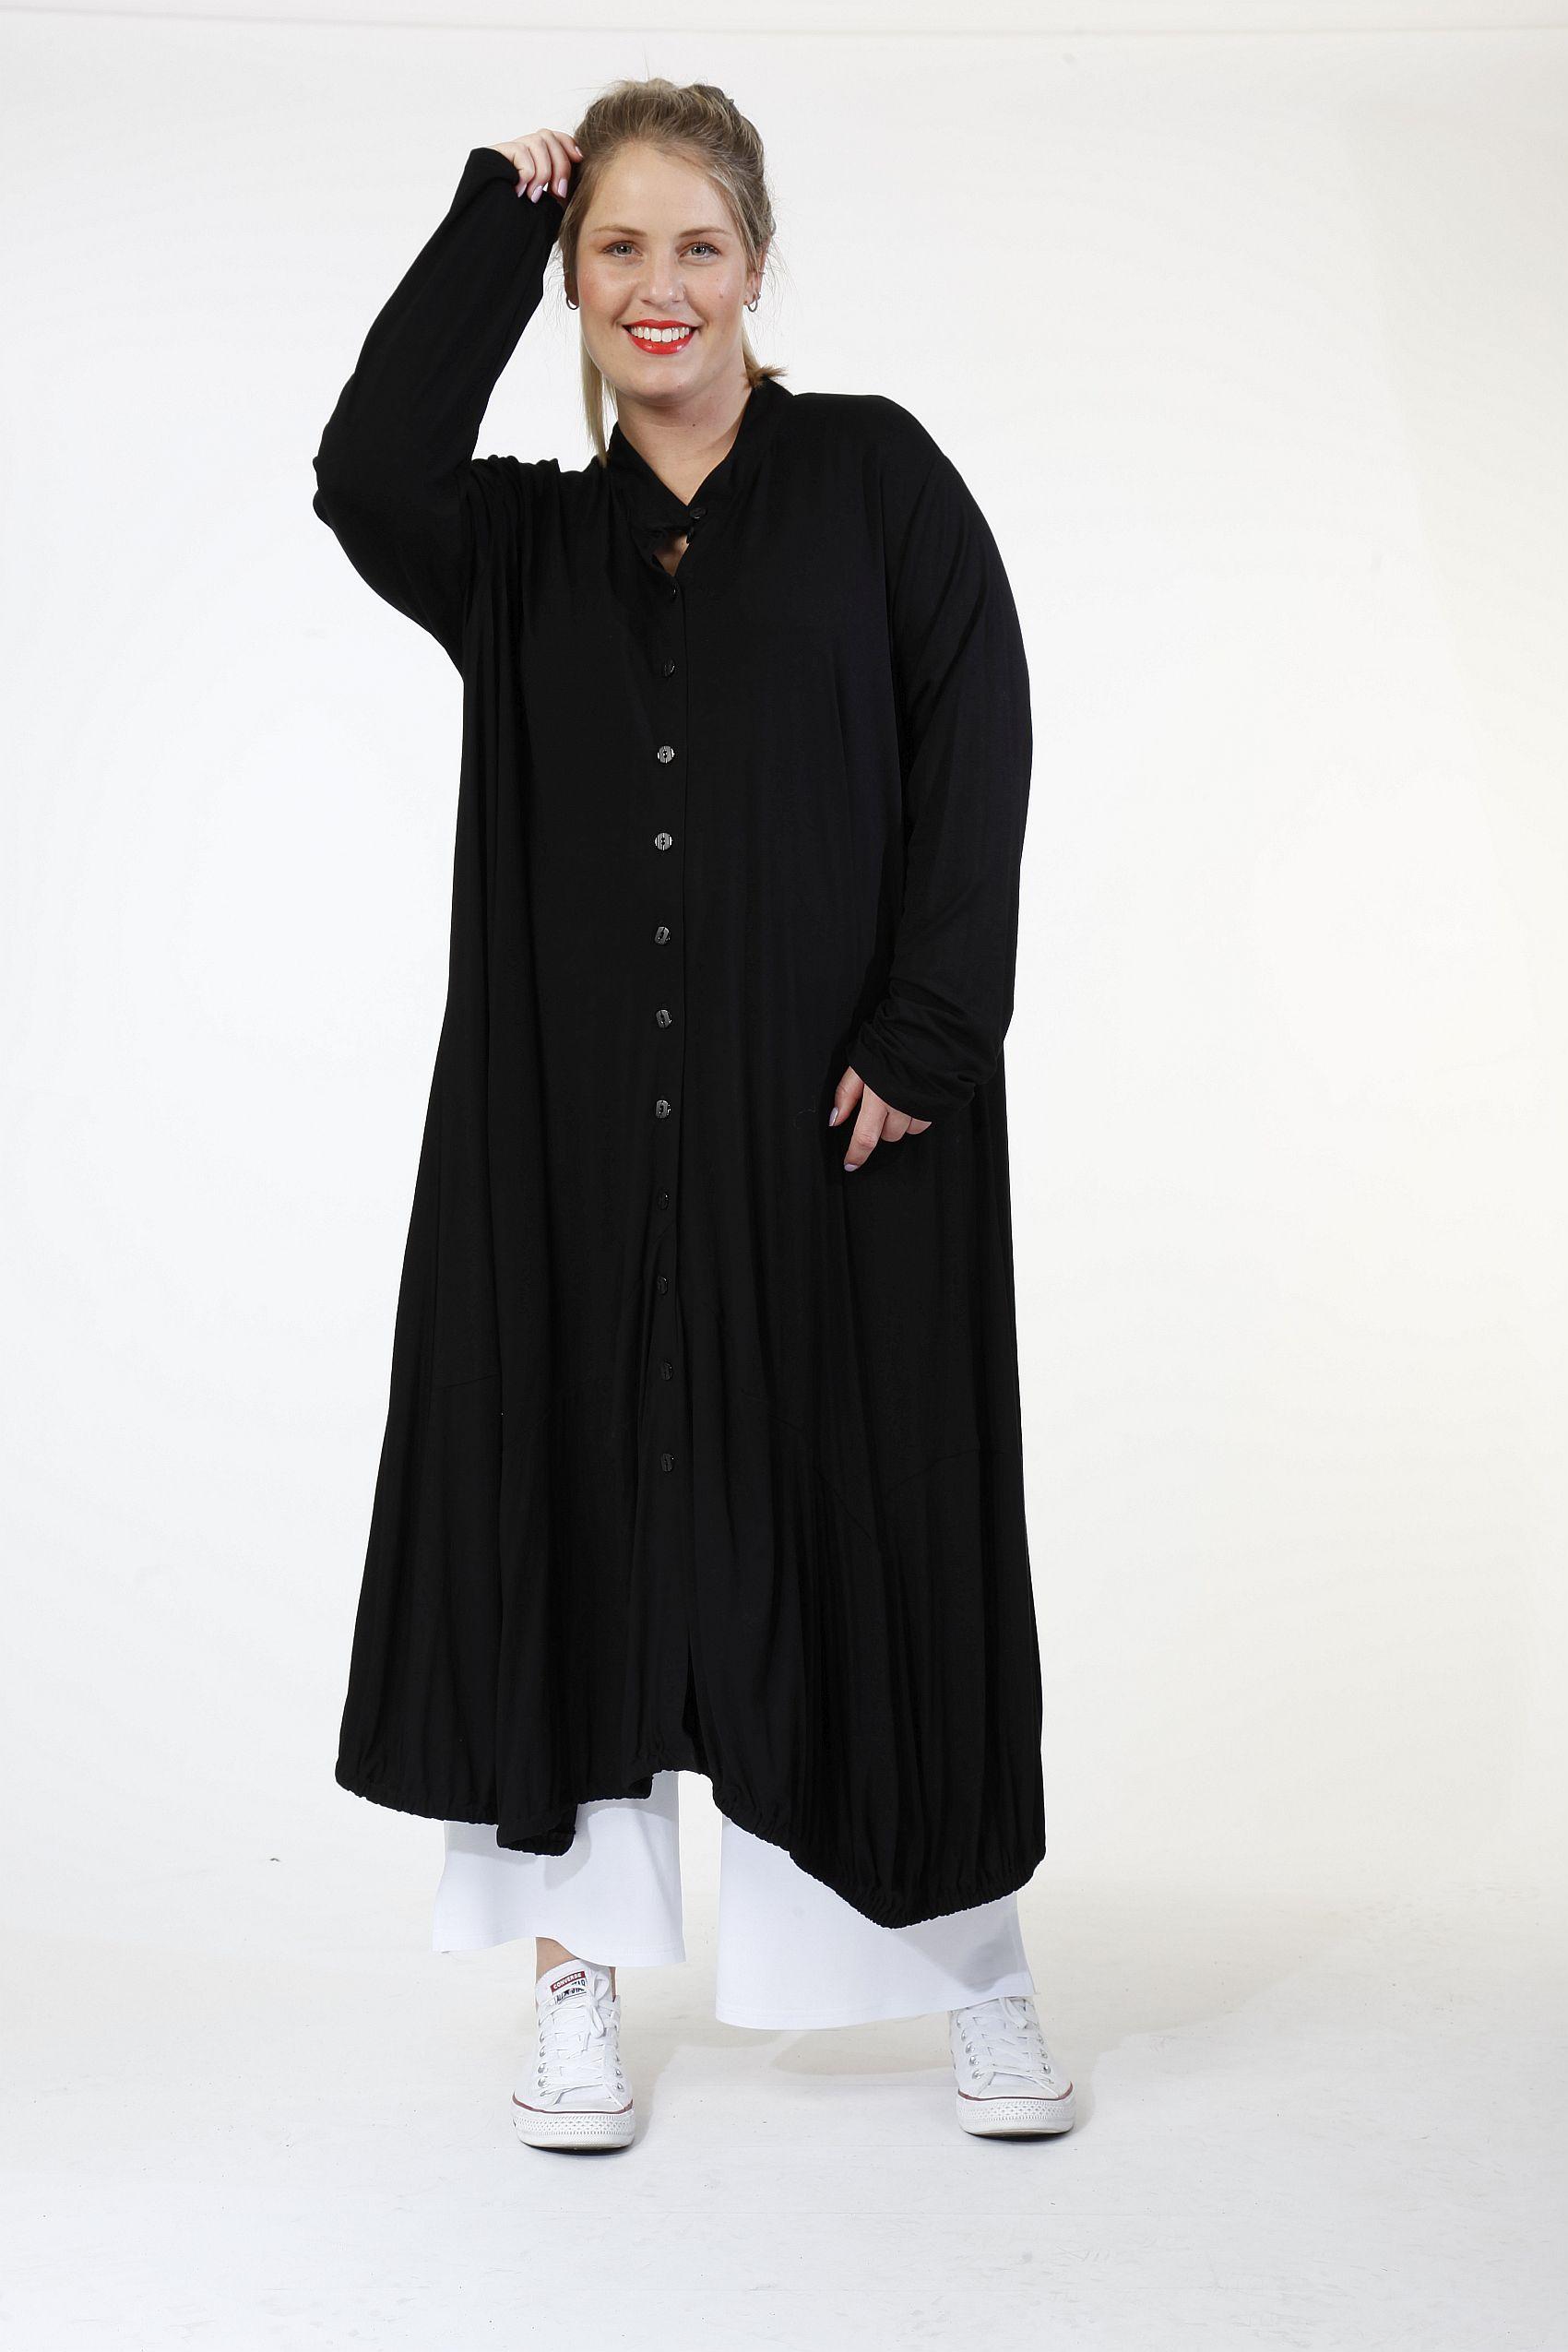 Lagenlook Mantel-Kleid Ballonform schwarz von AKH Fashion